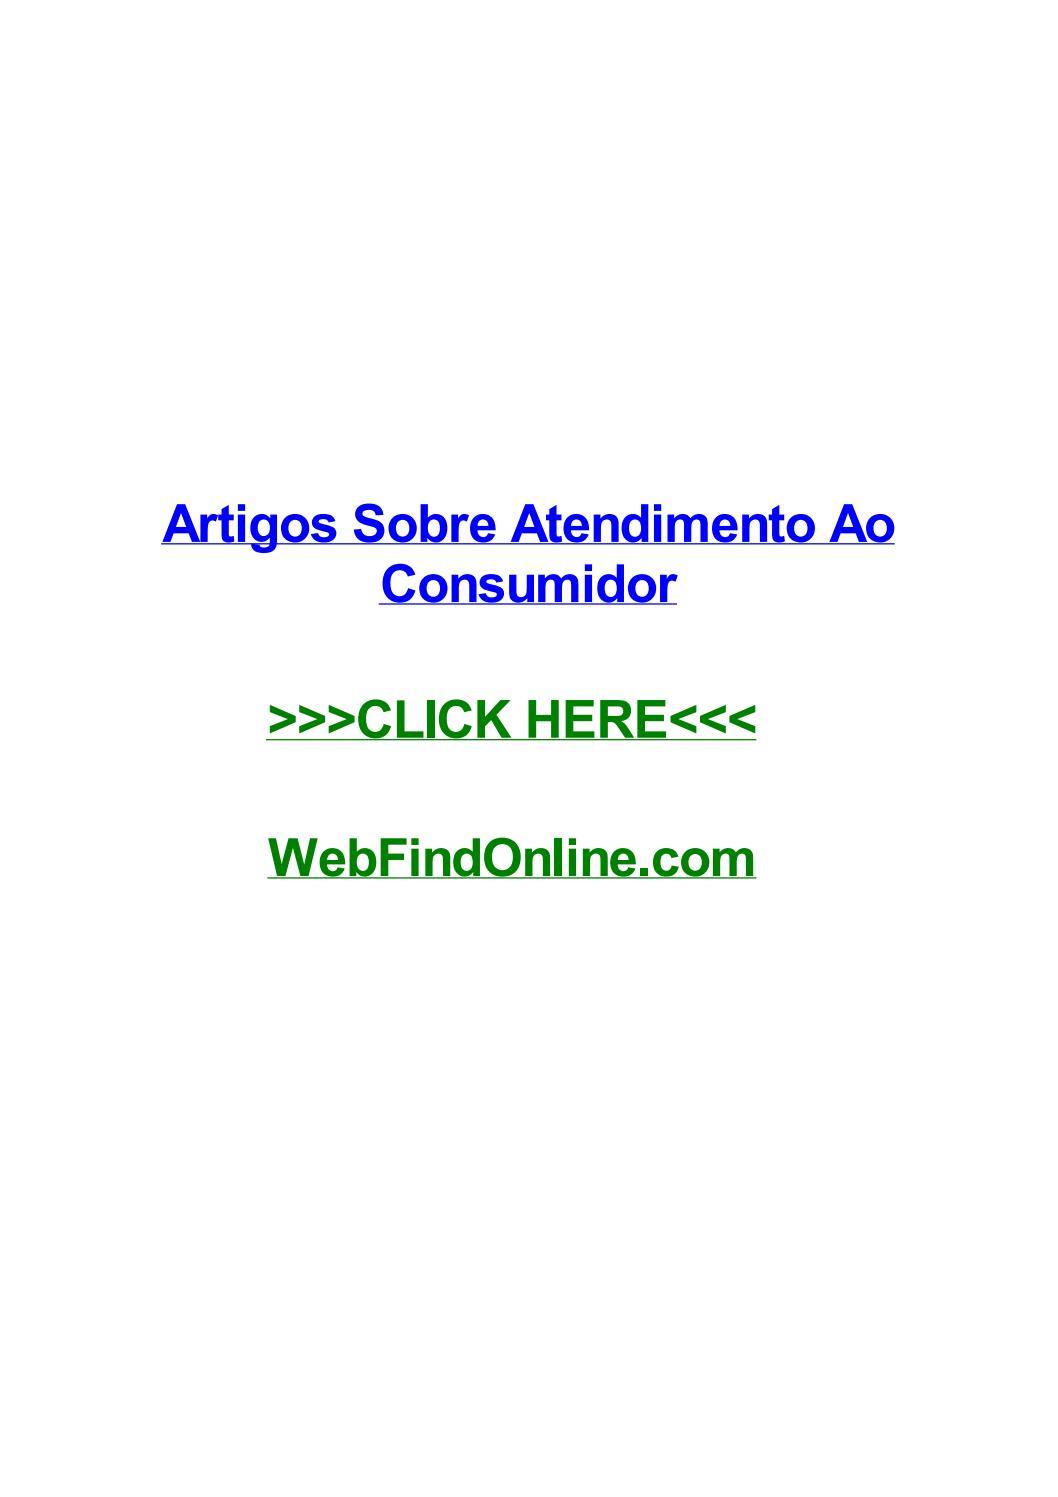 9ee6a0e23d21a Artigos sobre atendimento ao consumidor by carissavbig - issuu